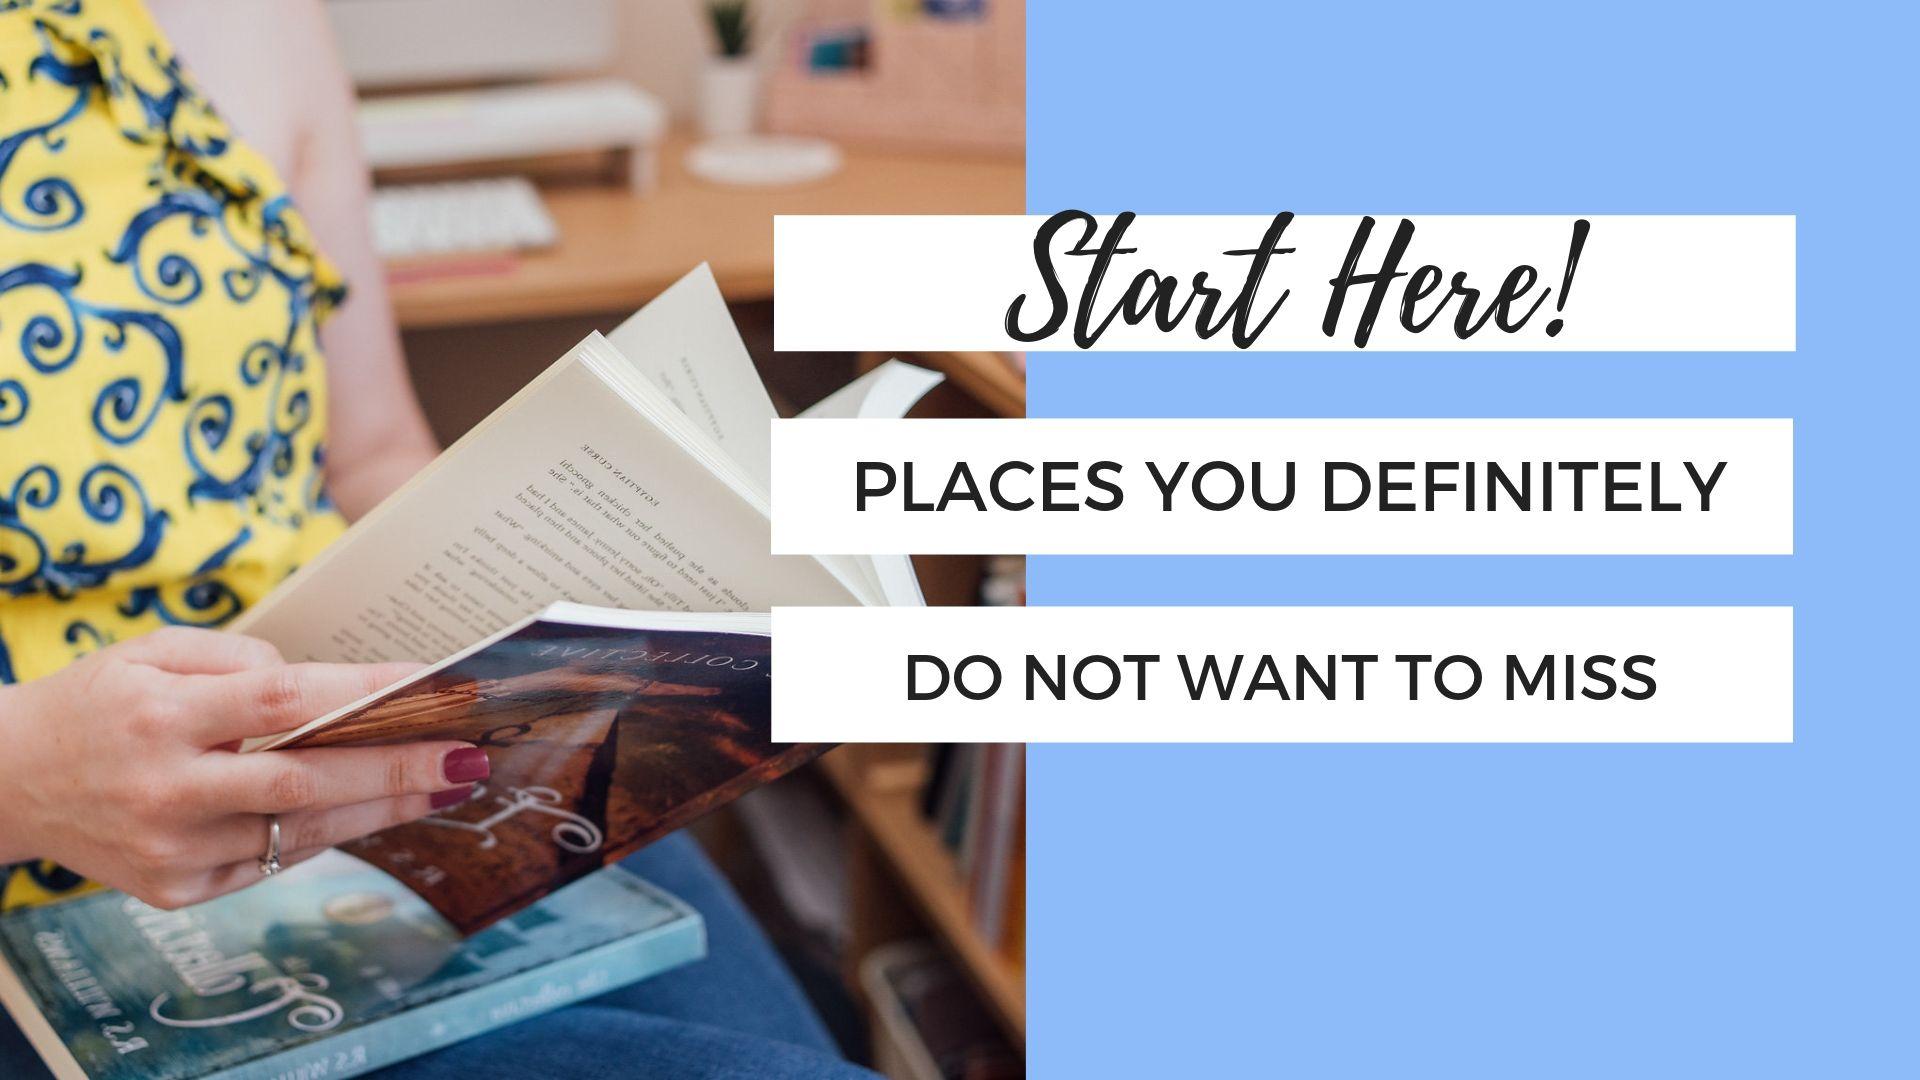 Start Here!.jpg